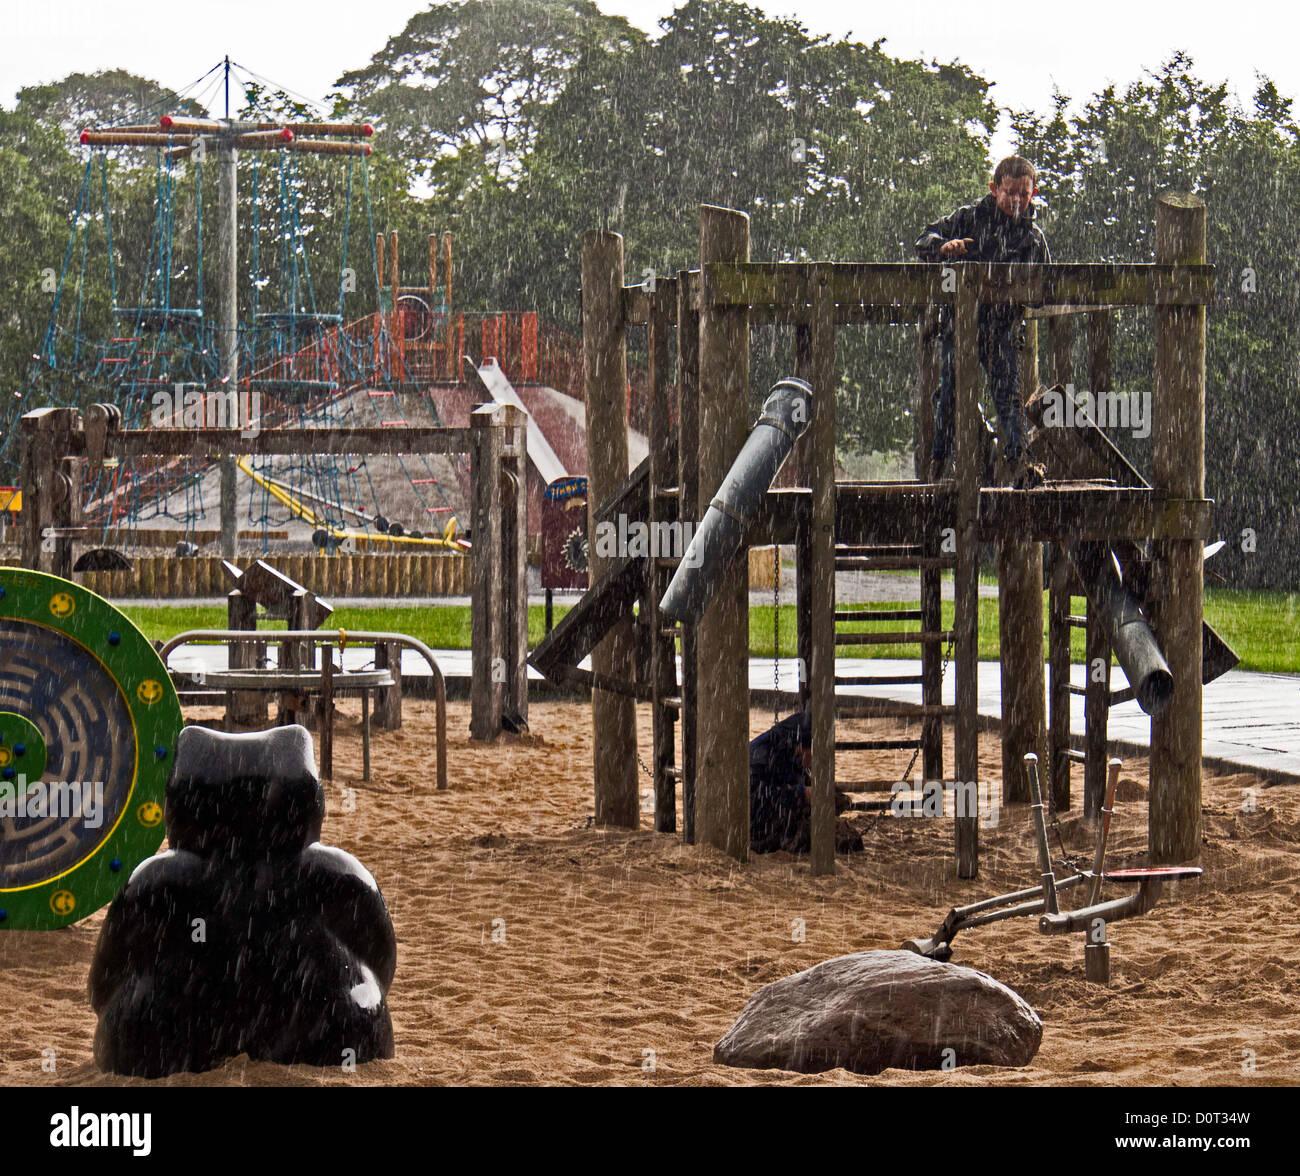 Los niños disfrutan jugando bajo la lluvia torrencial con ropa de clima húmedo adecuado Imagen De Stock